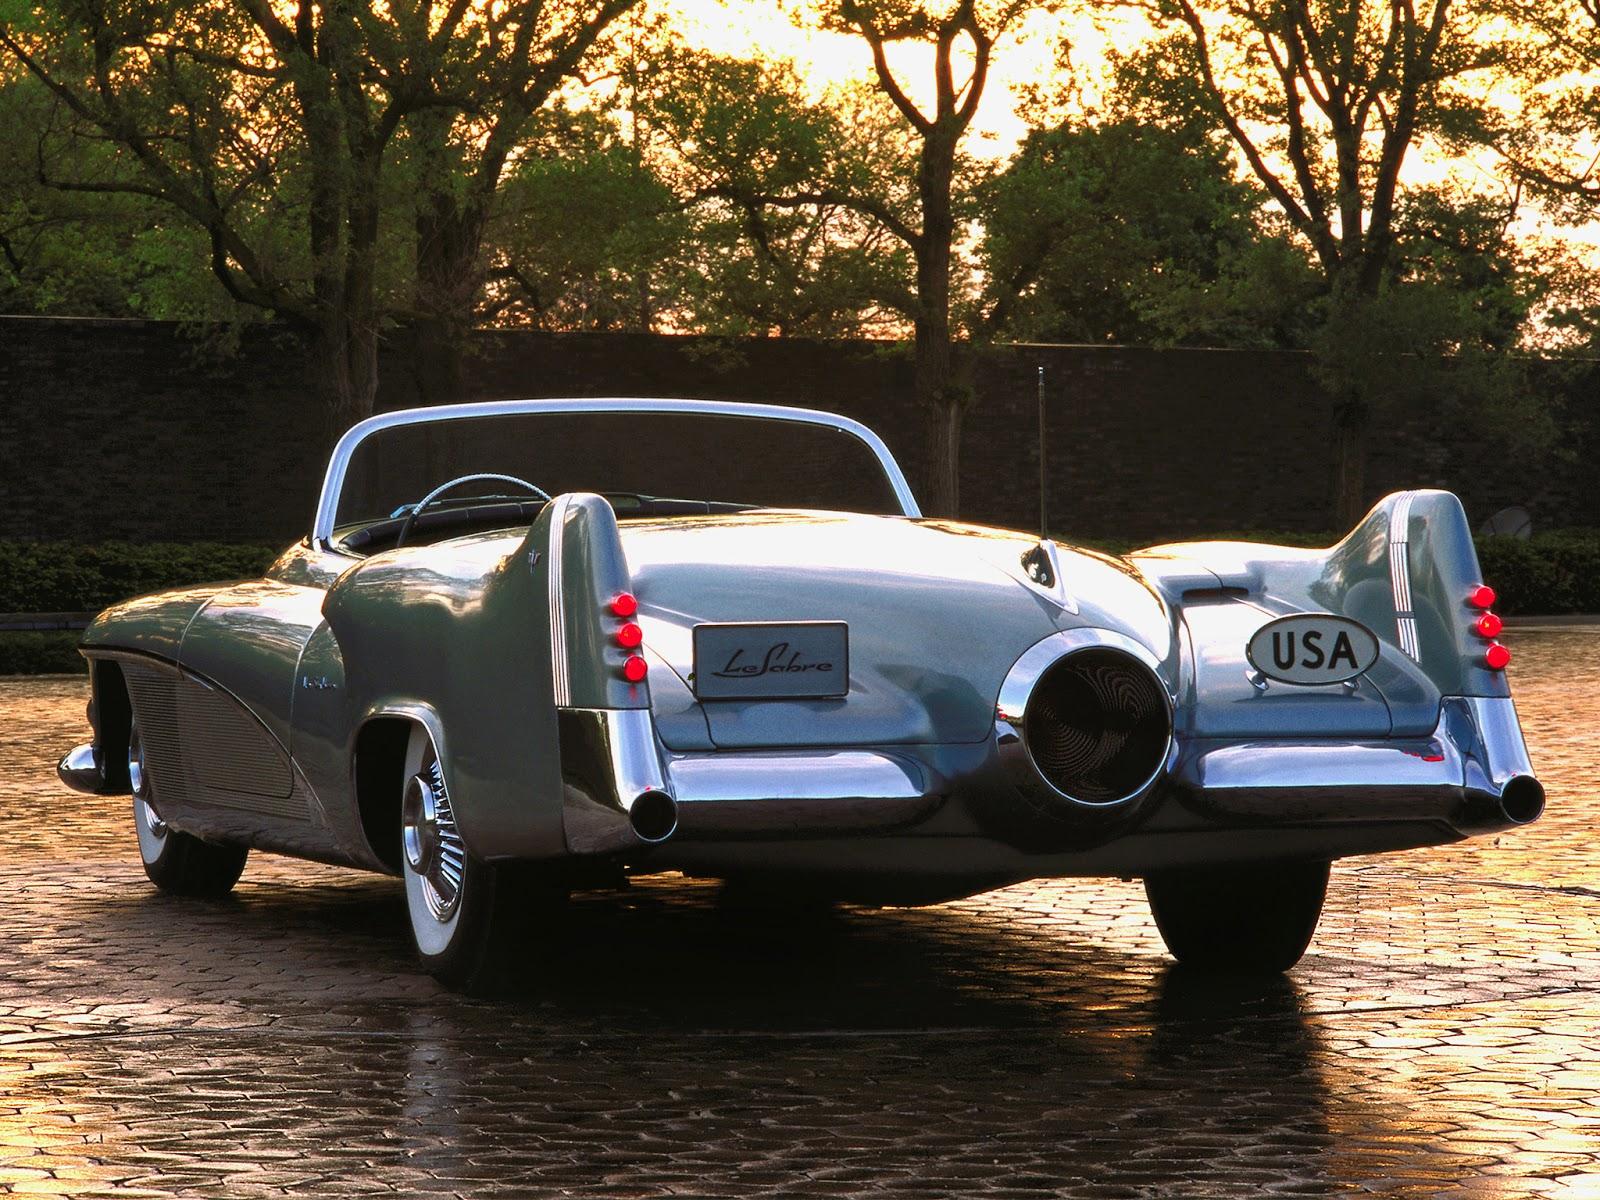 Buick Le Sabre Concept car The General Motors Buick Le Sabre jet engine Concept car (1951).